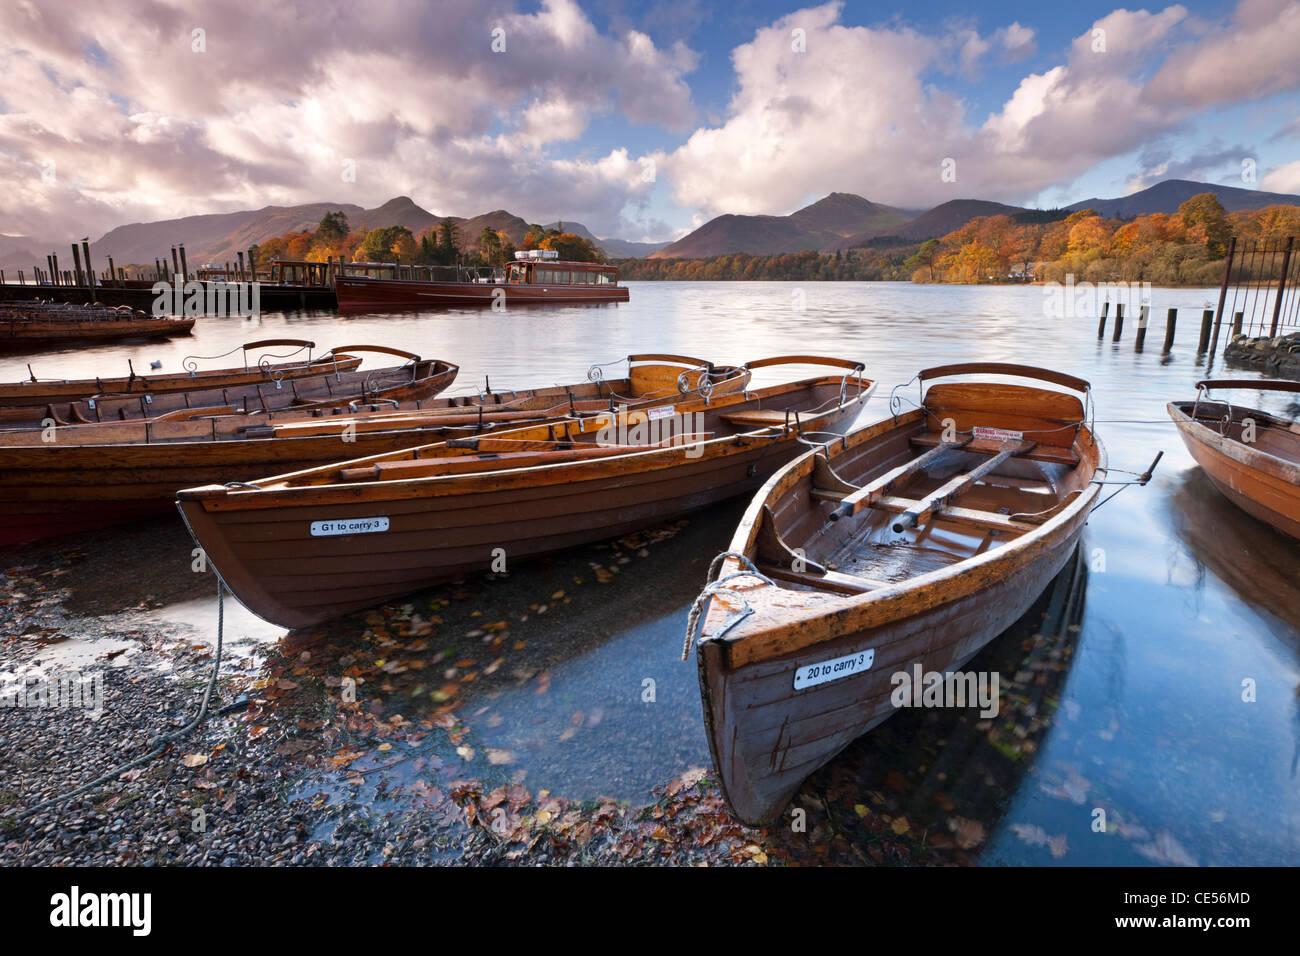 Embarcaciones de remo en Derwent agua en Keswick, Cumbria, Lake District, Inglaterra. Otoño (noviembre de 2011). Imagen De Stock